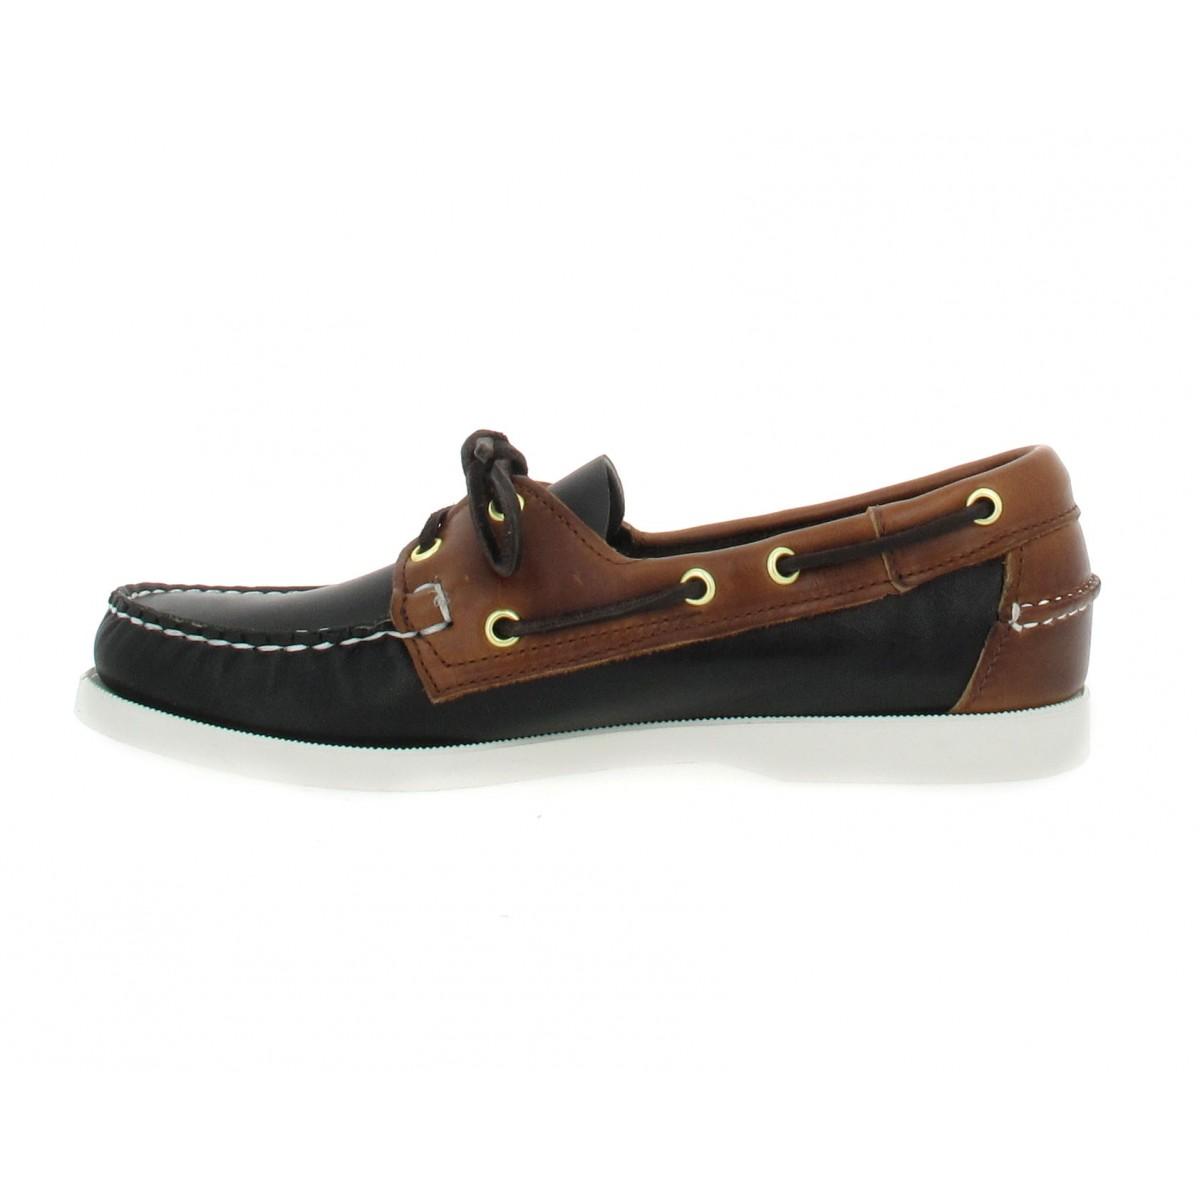 soldes sebago docksides spinnaker cuir homme noir marron fanny chaussures. Black Bedroom Furniture Sets. Home Design Ideas